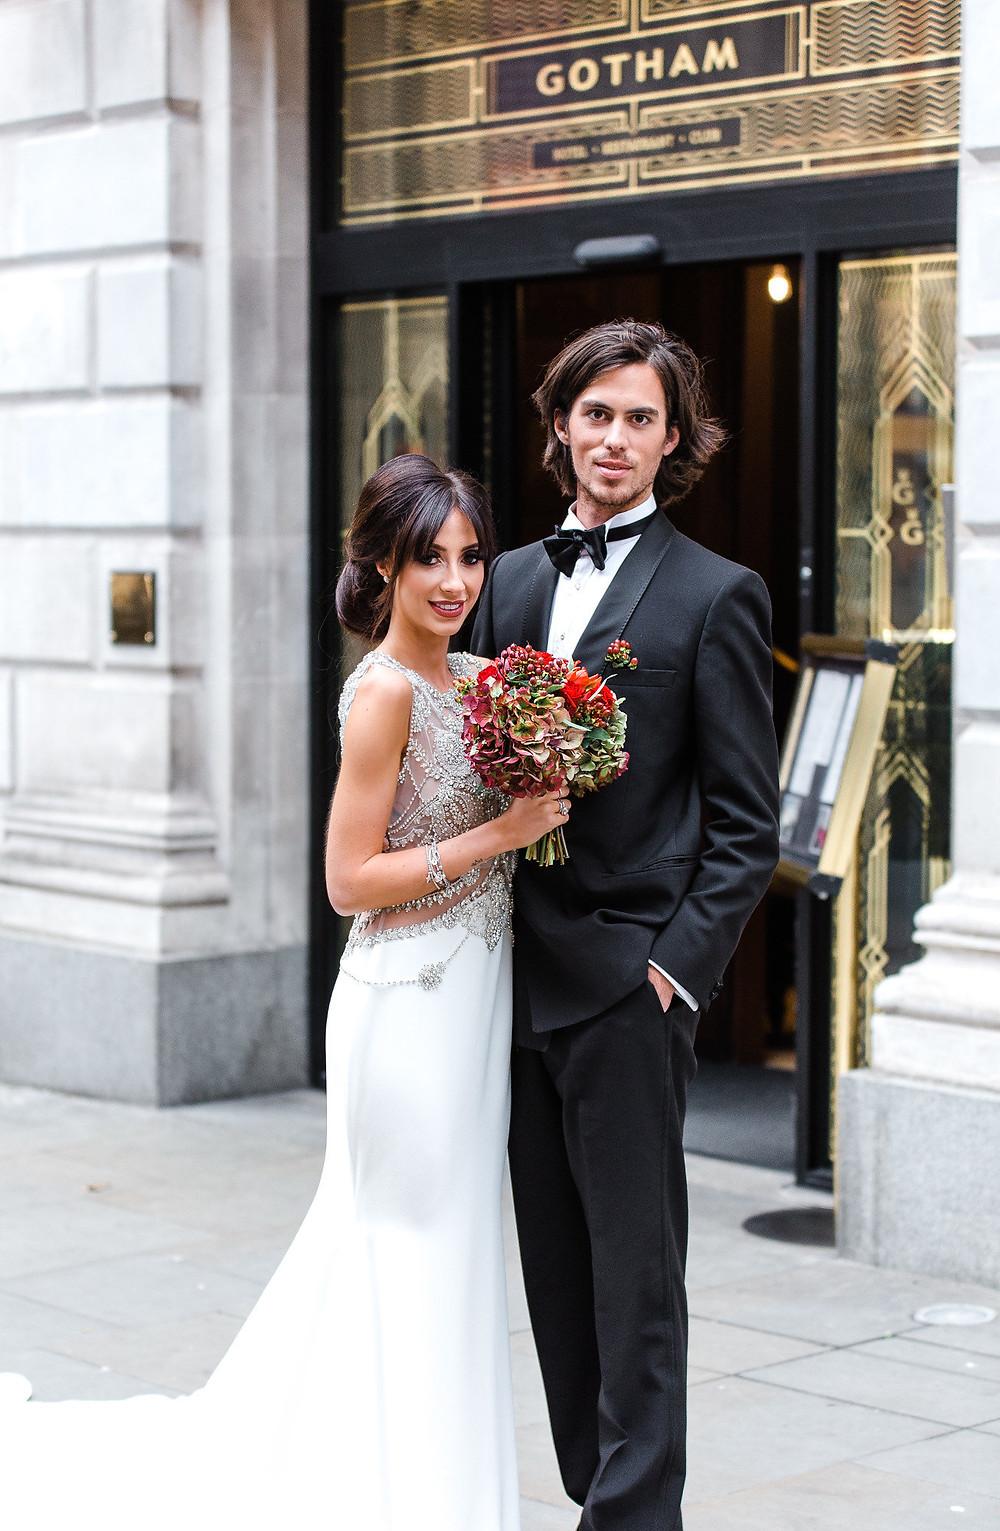 hotel Gotham manchester makeup artist hairstylist wedding bridal groom